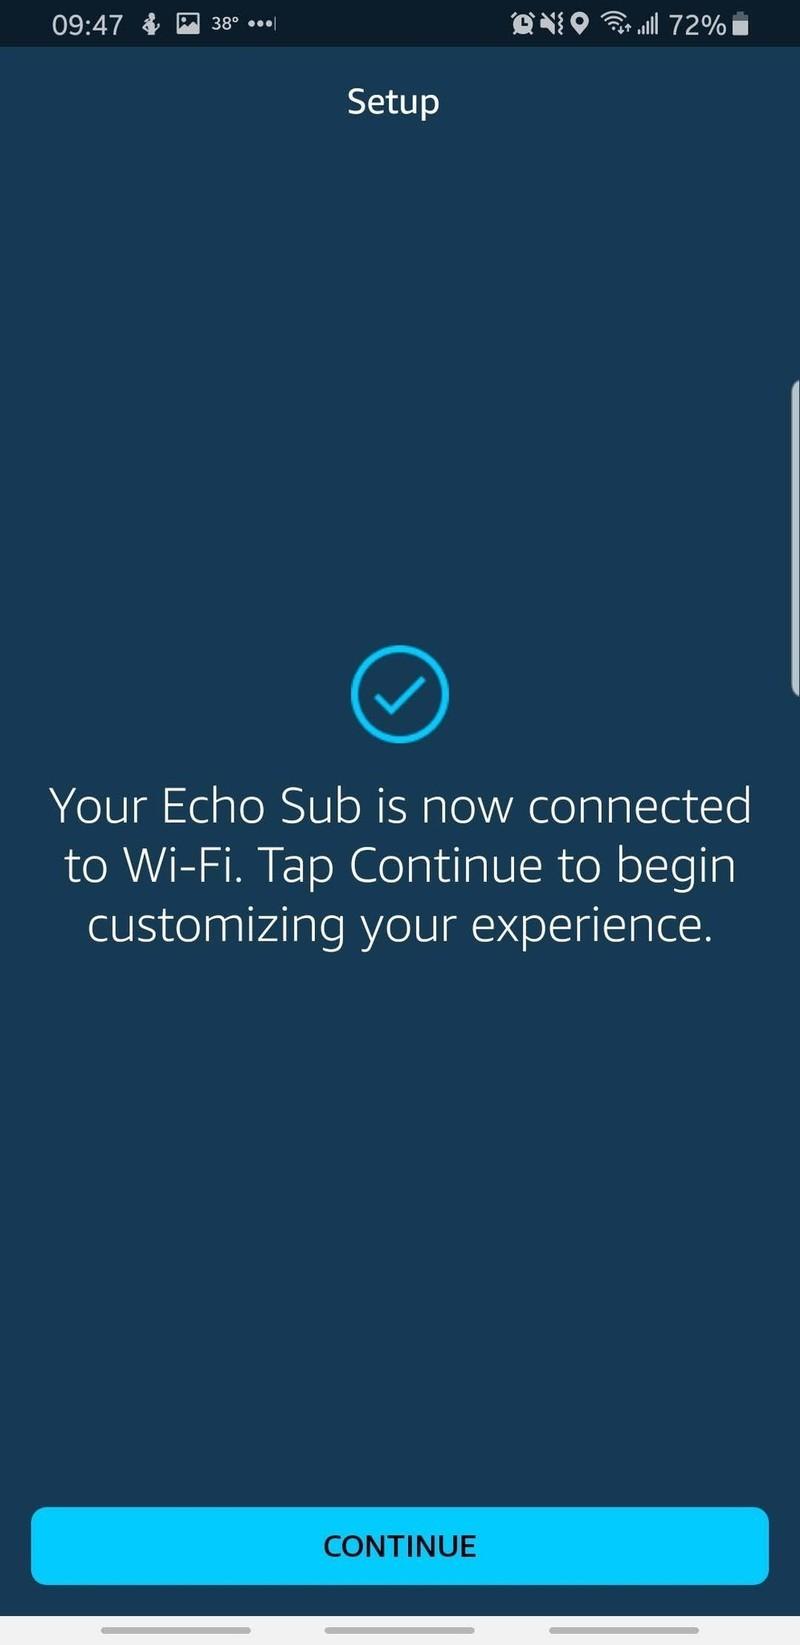 echo-sub-11.jpg?itok=cHLzSsSy